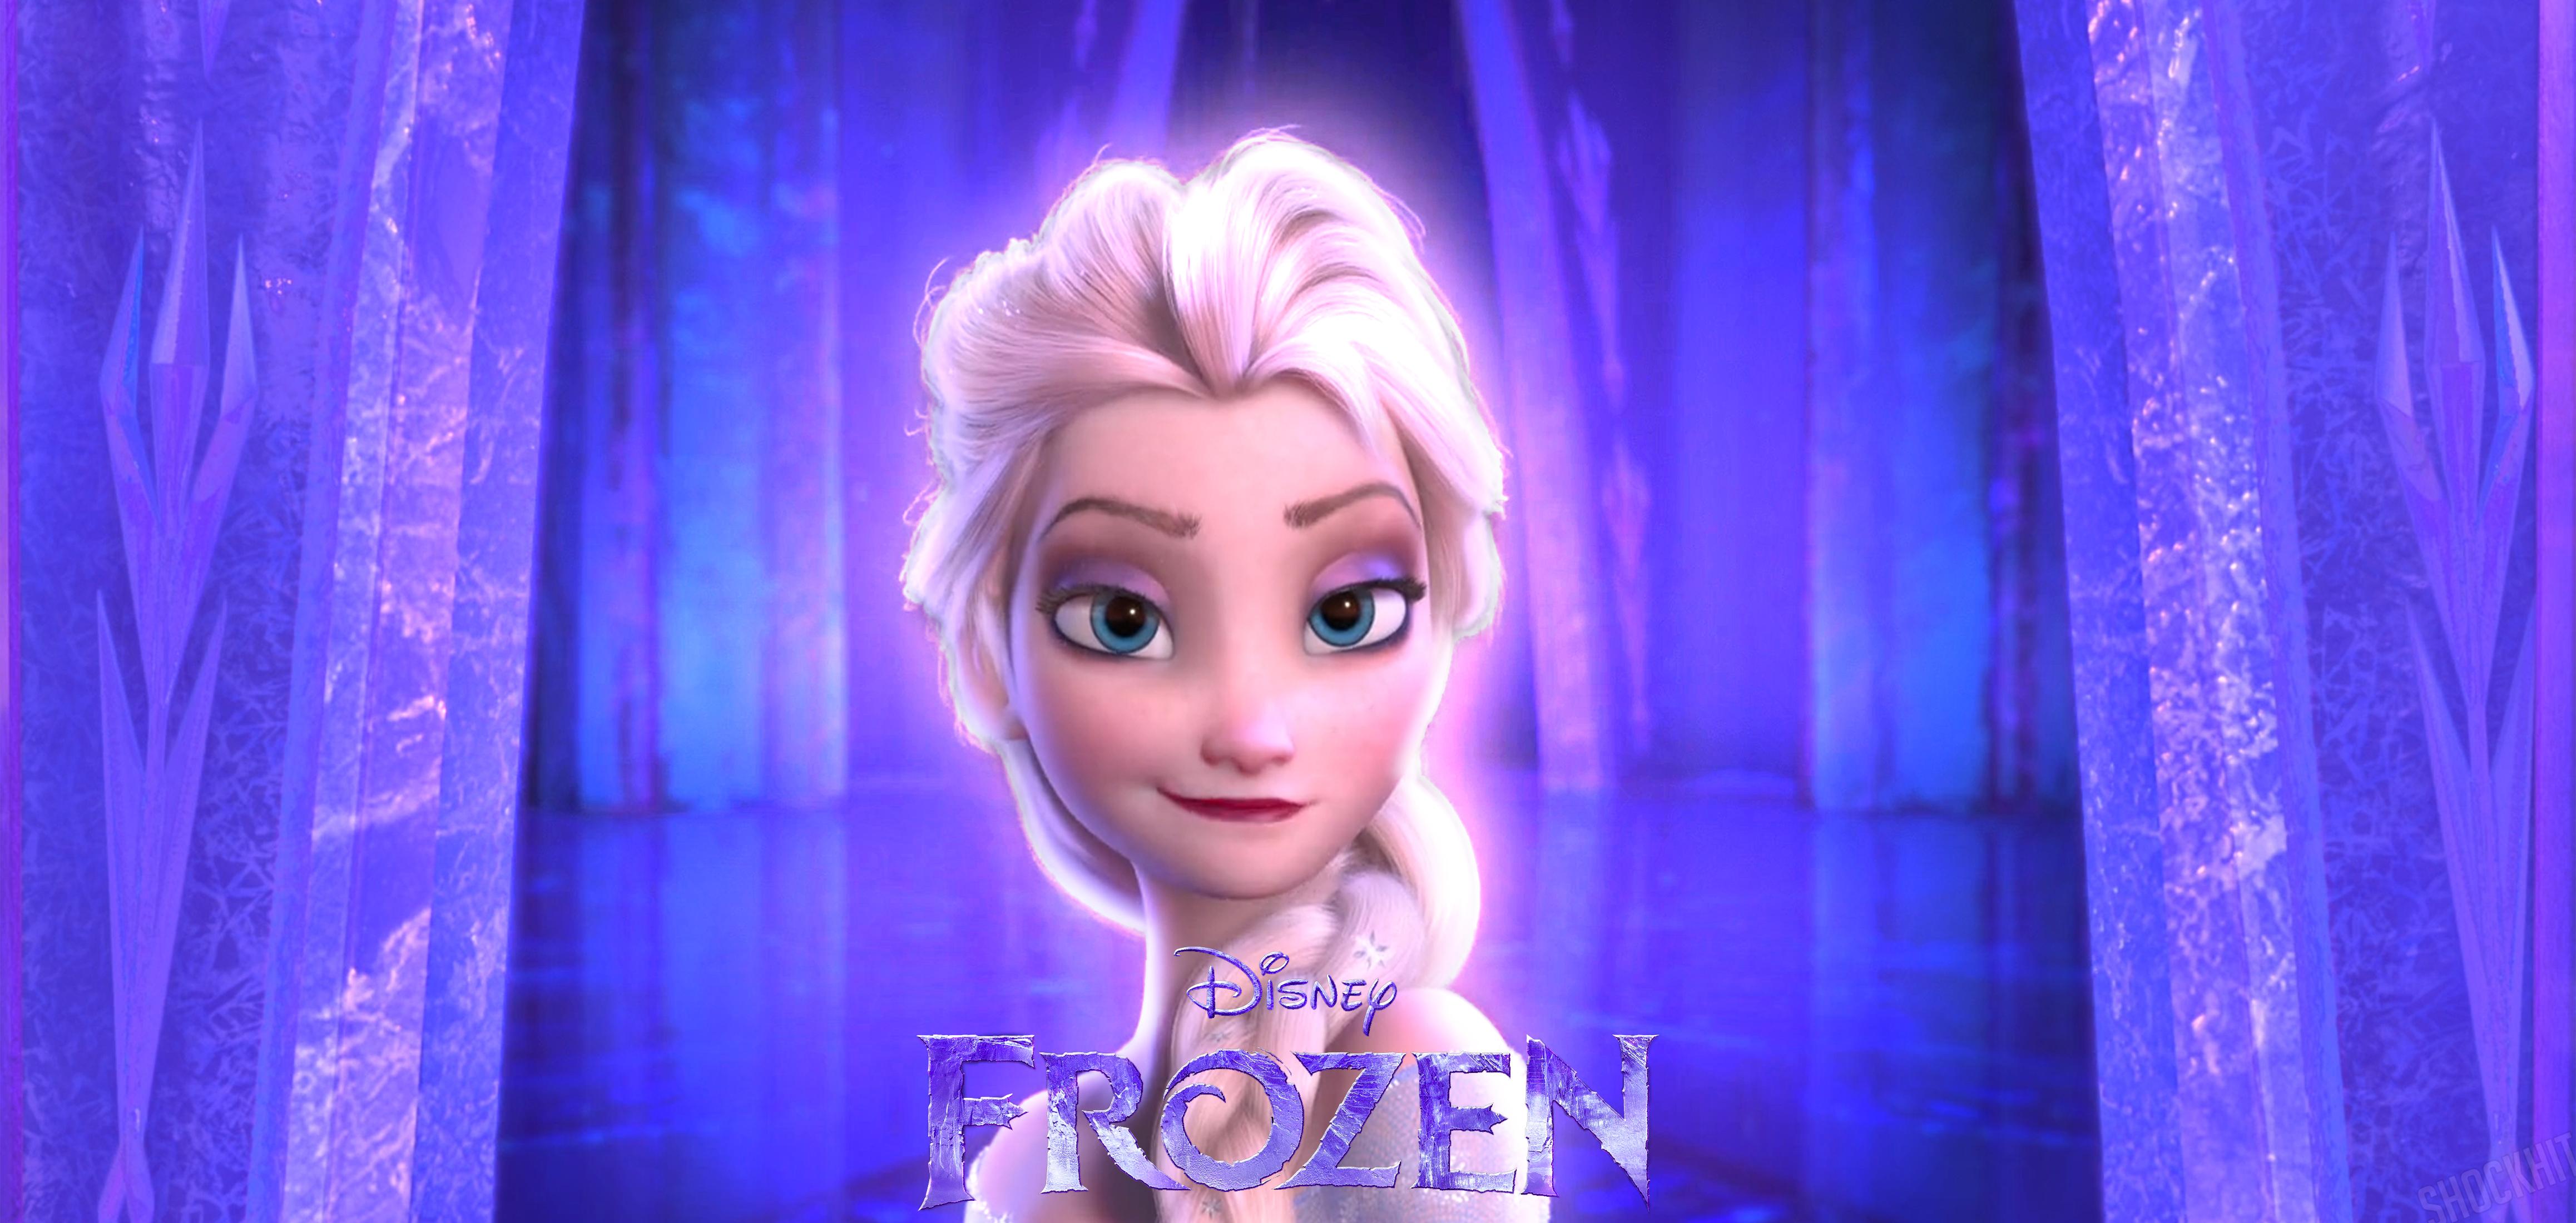 Queen Elsa Frozen Wallpaper Queen elsa frozen by 4632x2200